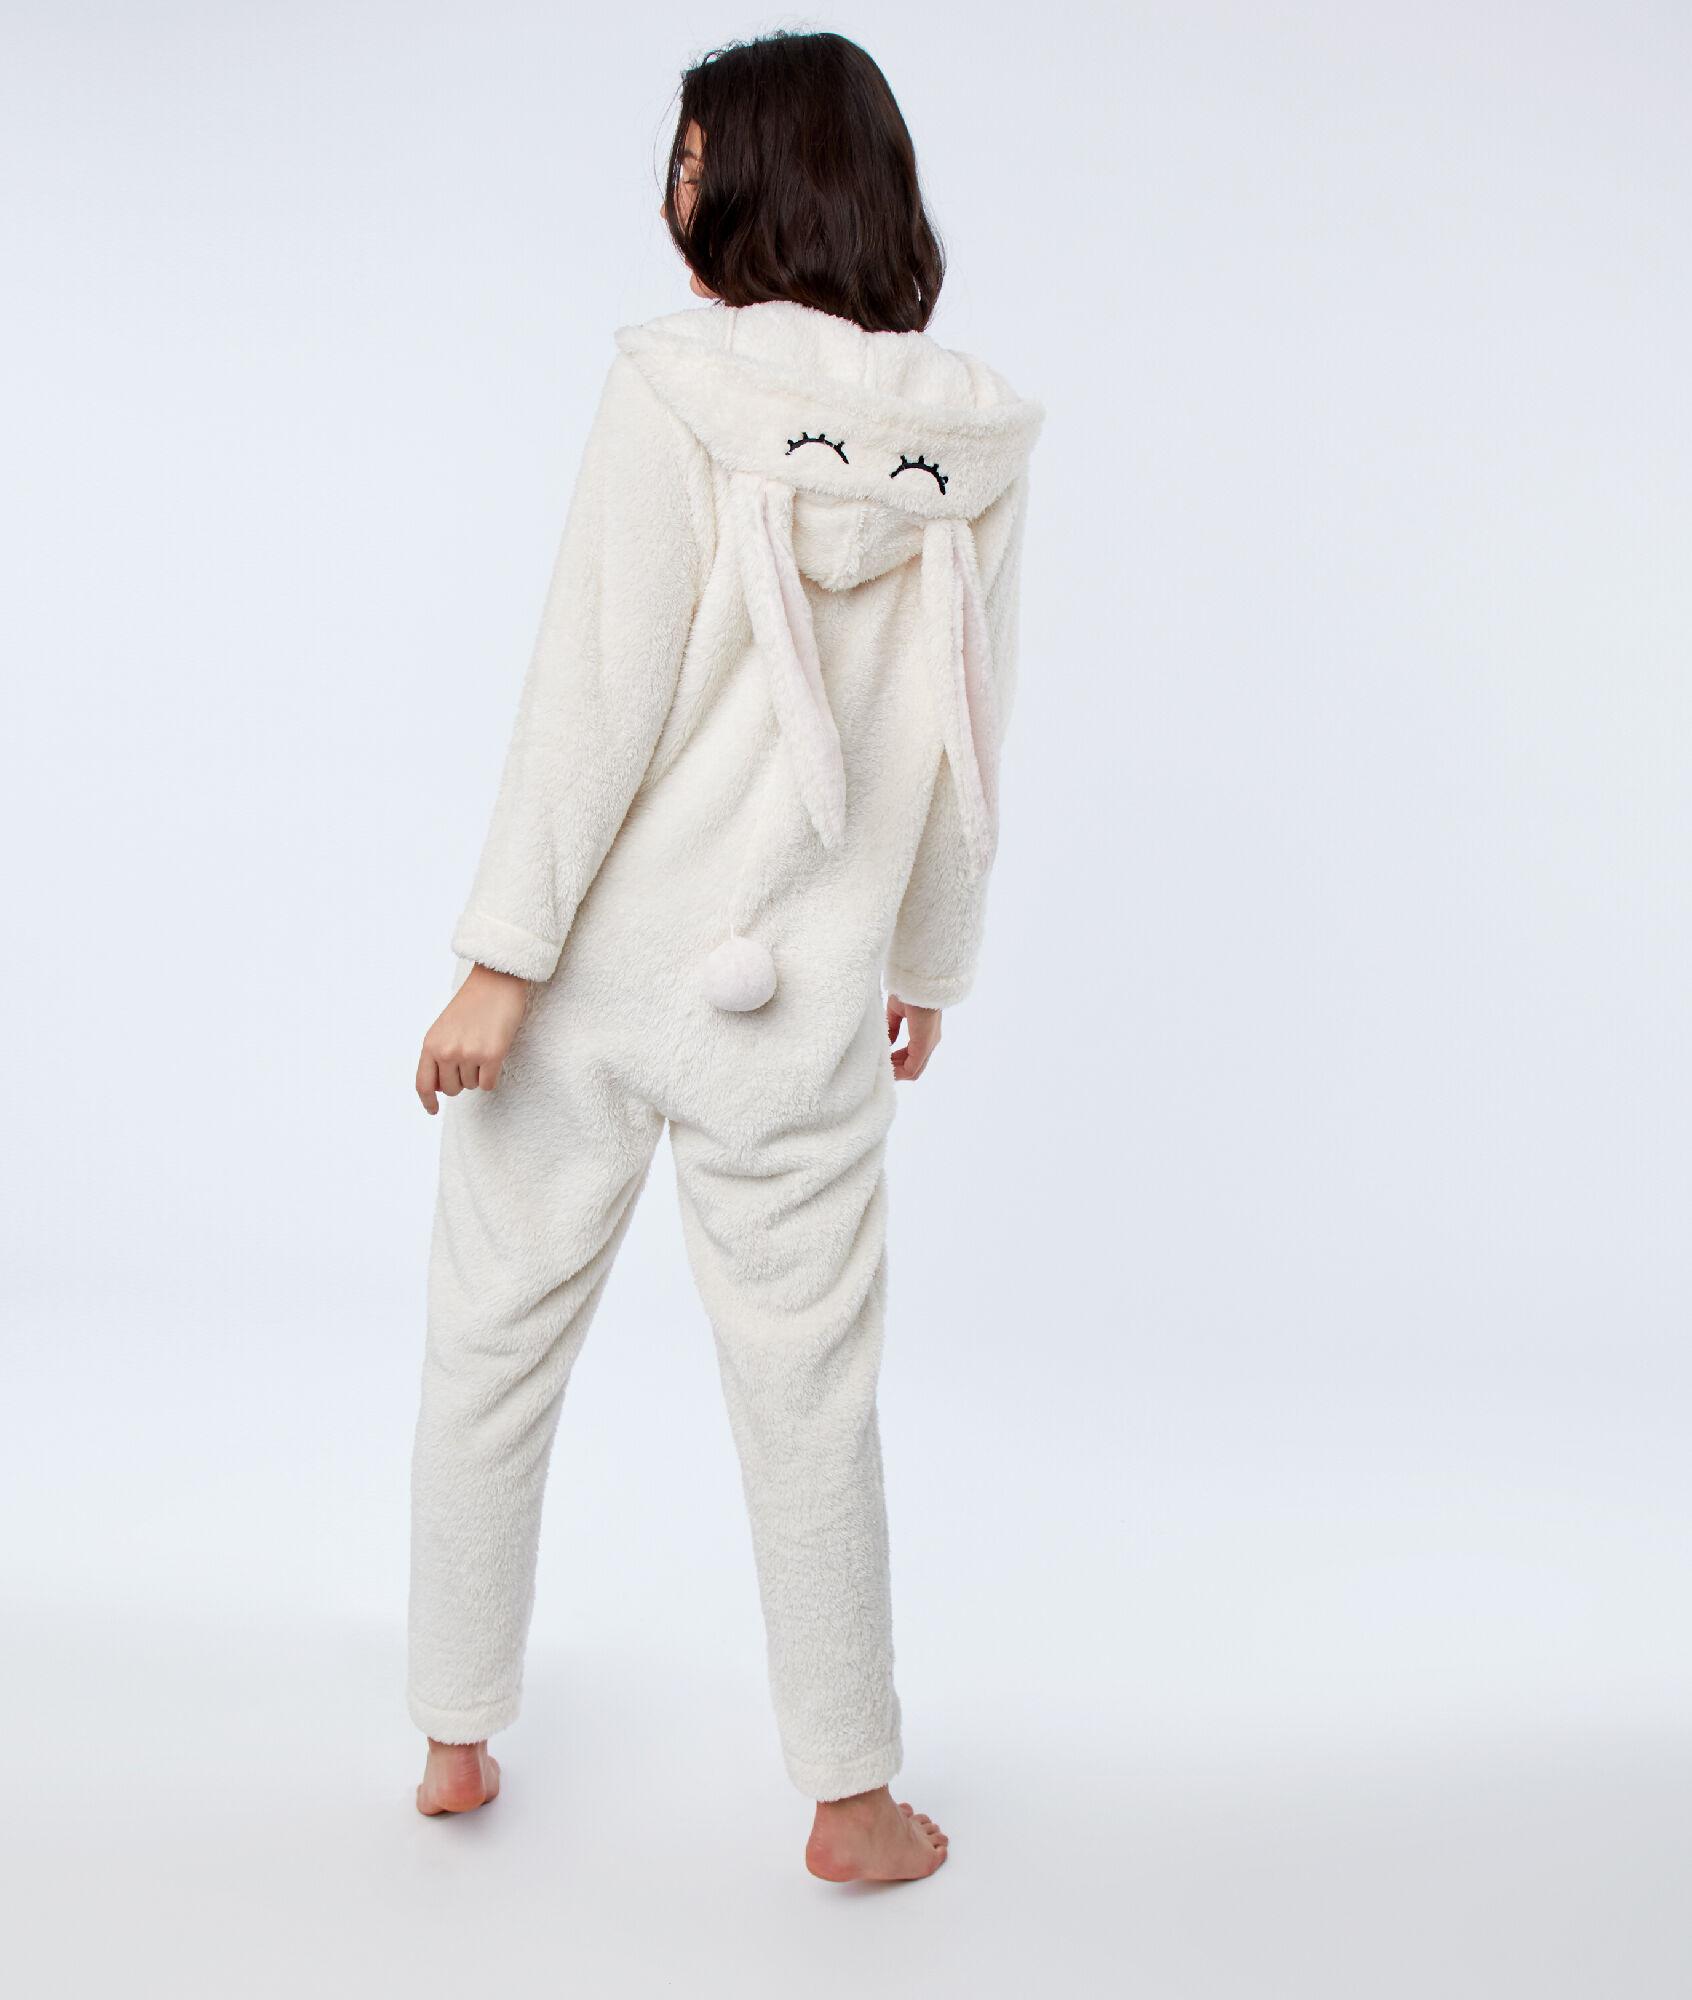 original à chaud rabais de premier ordre pas cher à vendre Lapin Écru Etam Doryan Combinaison Pyjama qUSzVMp